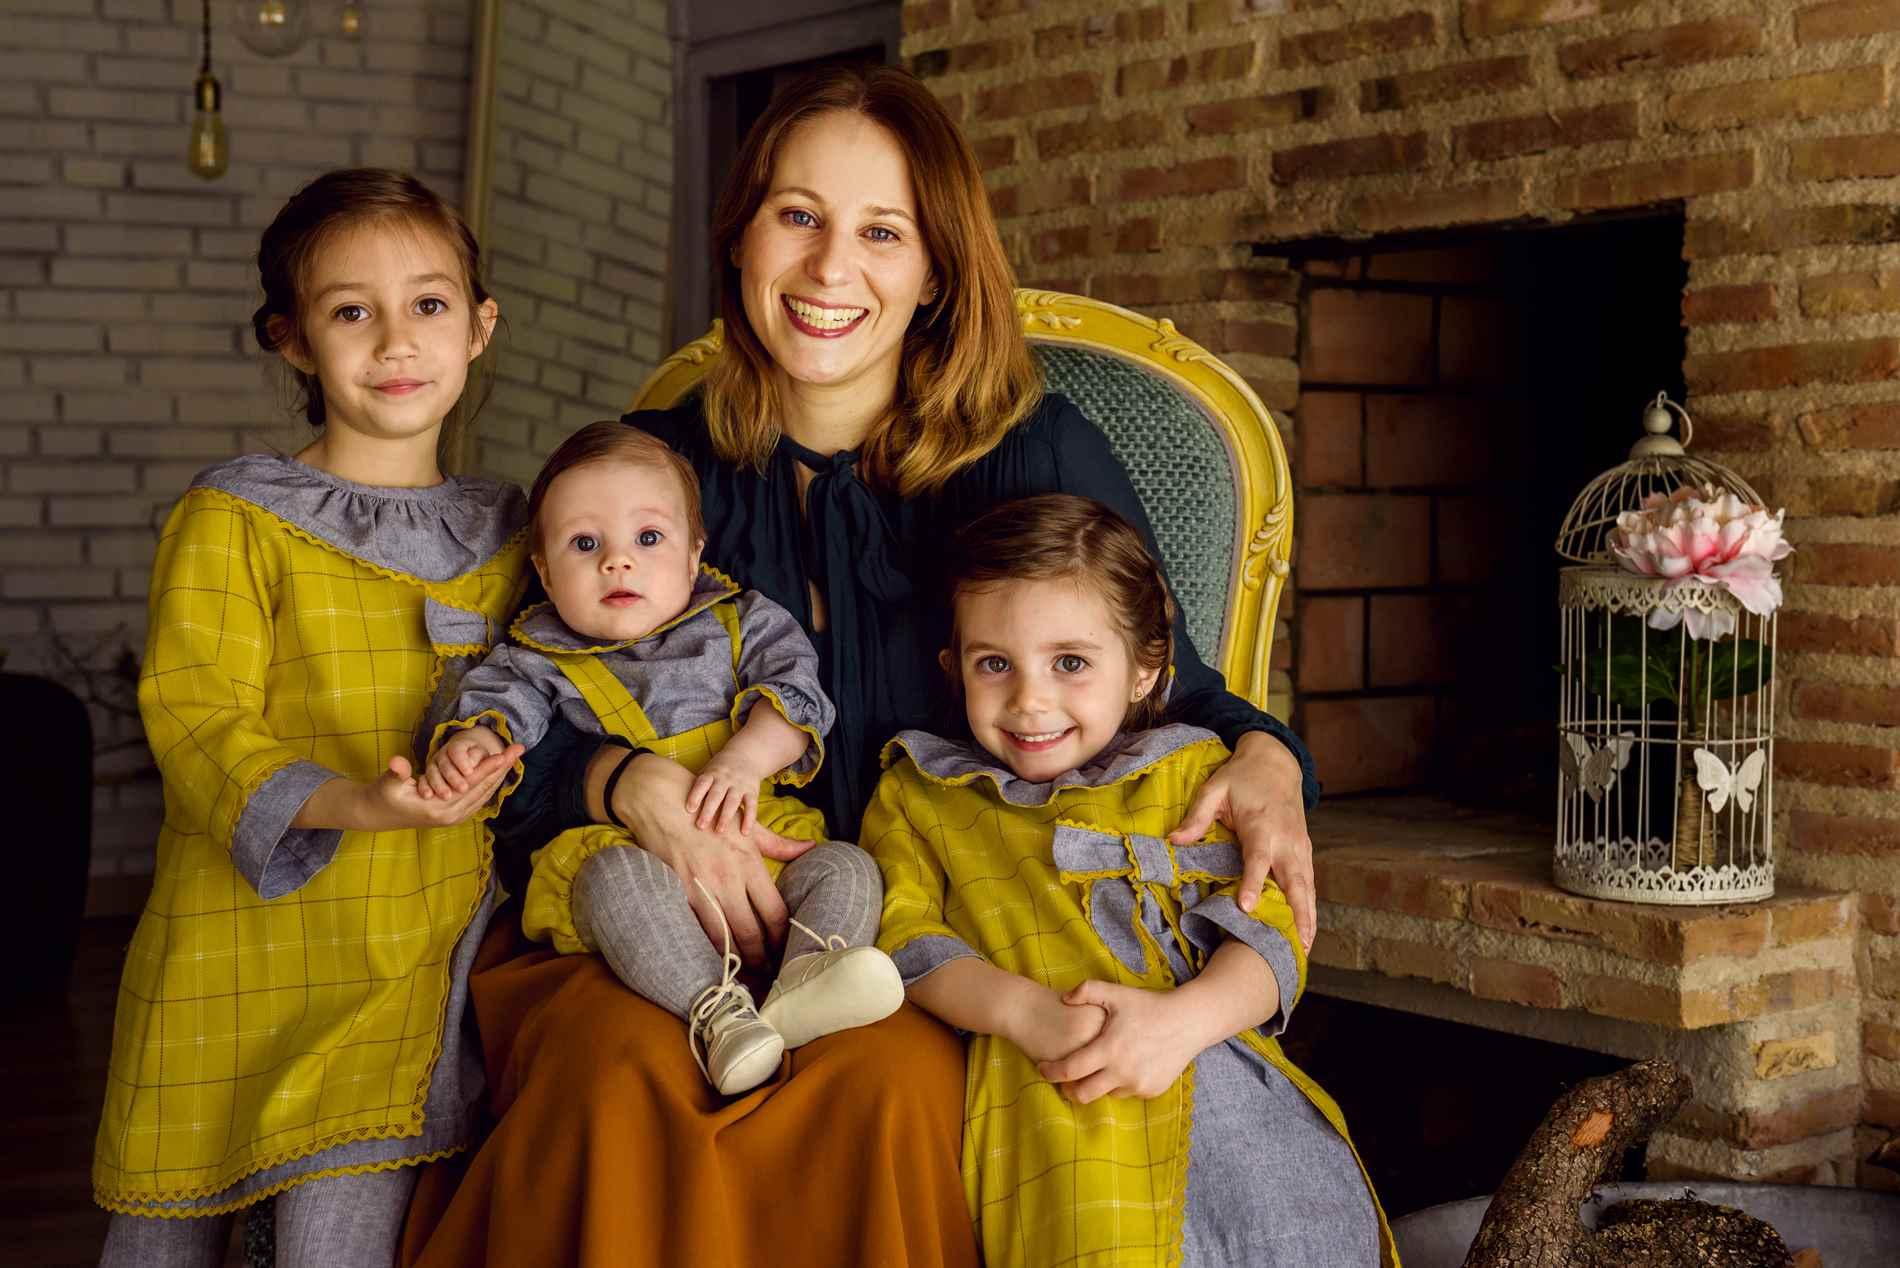 Fotos de familia en estudio - Toledo ❤️ Sesión de Fotografía familiar y niños